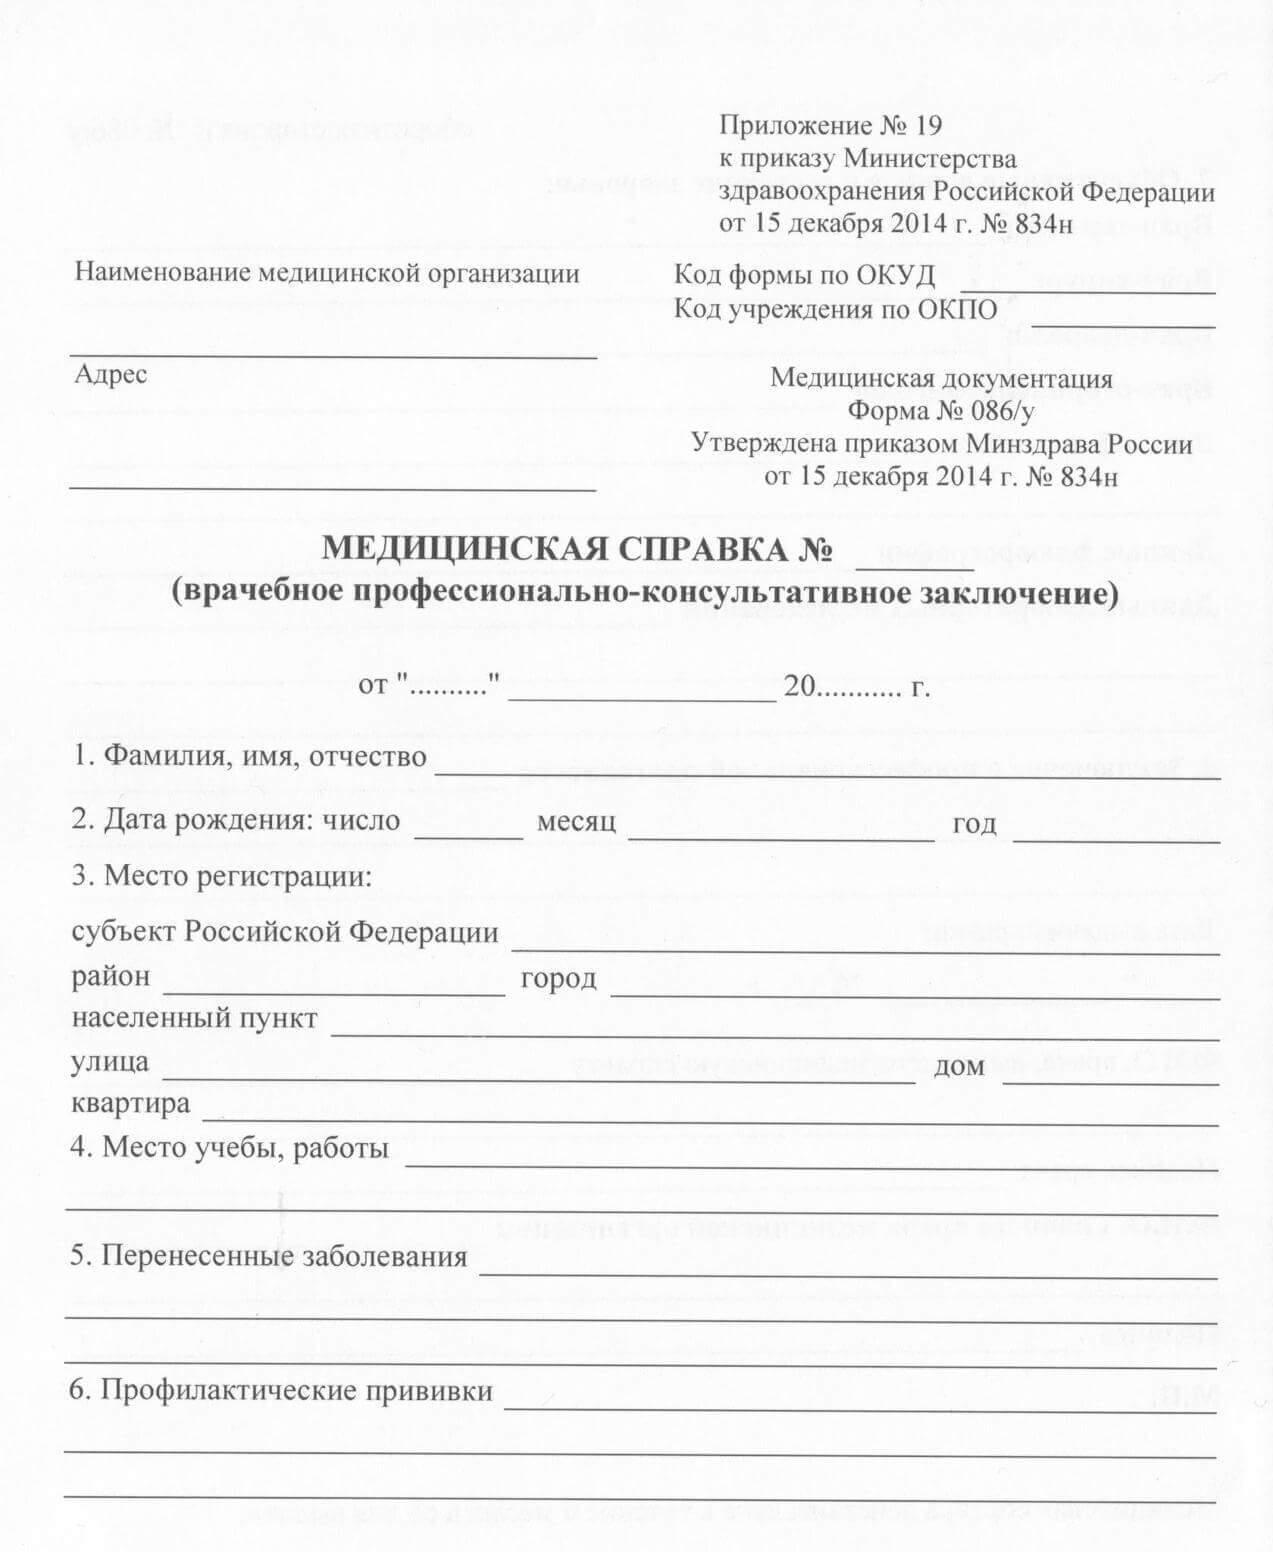 Купить диплом в украине москве